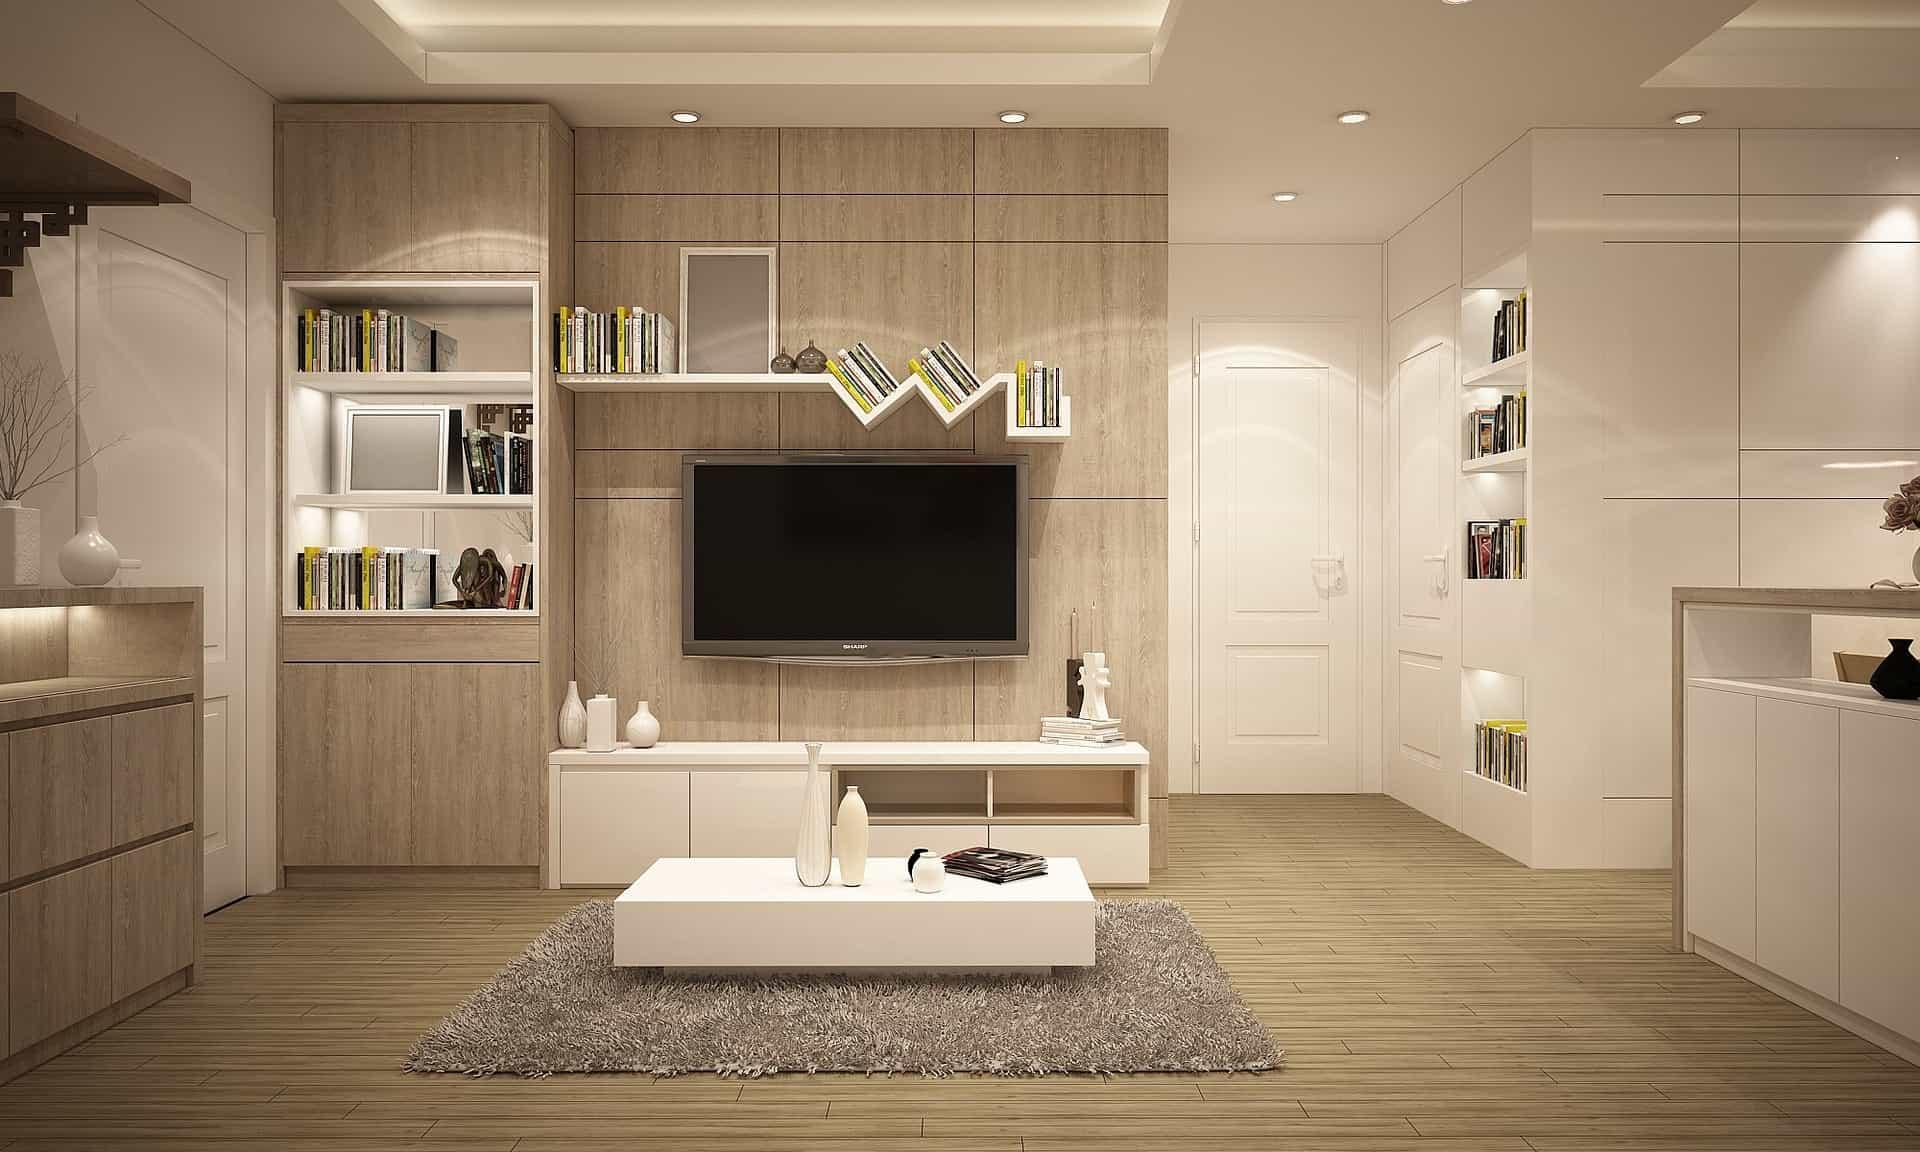 Imagem mostra uma TV presa em um suporte na parede de uma sala.